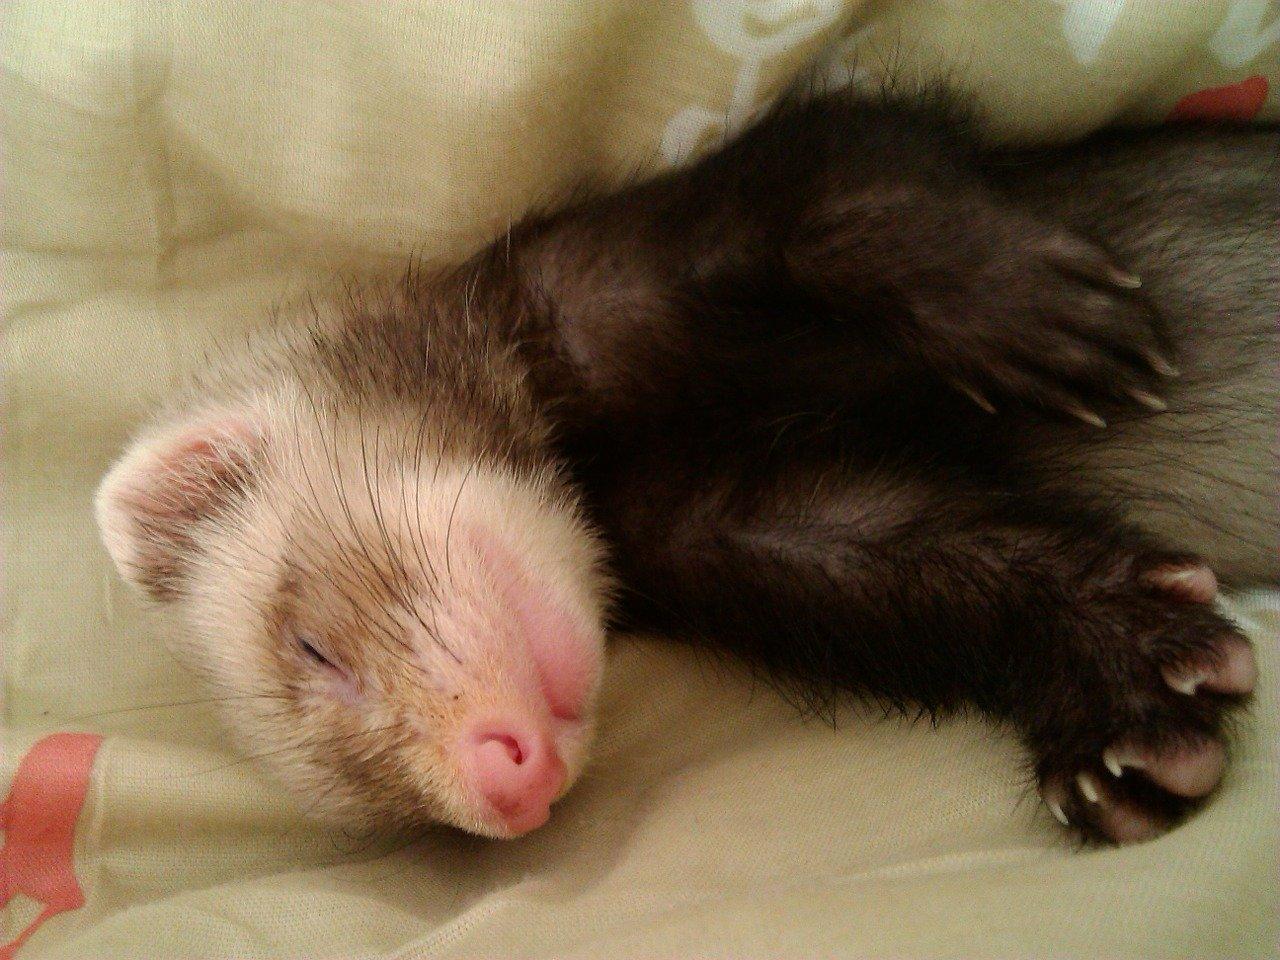 How Do You Calm Down a Hyper Ferret